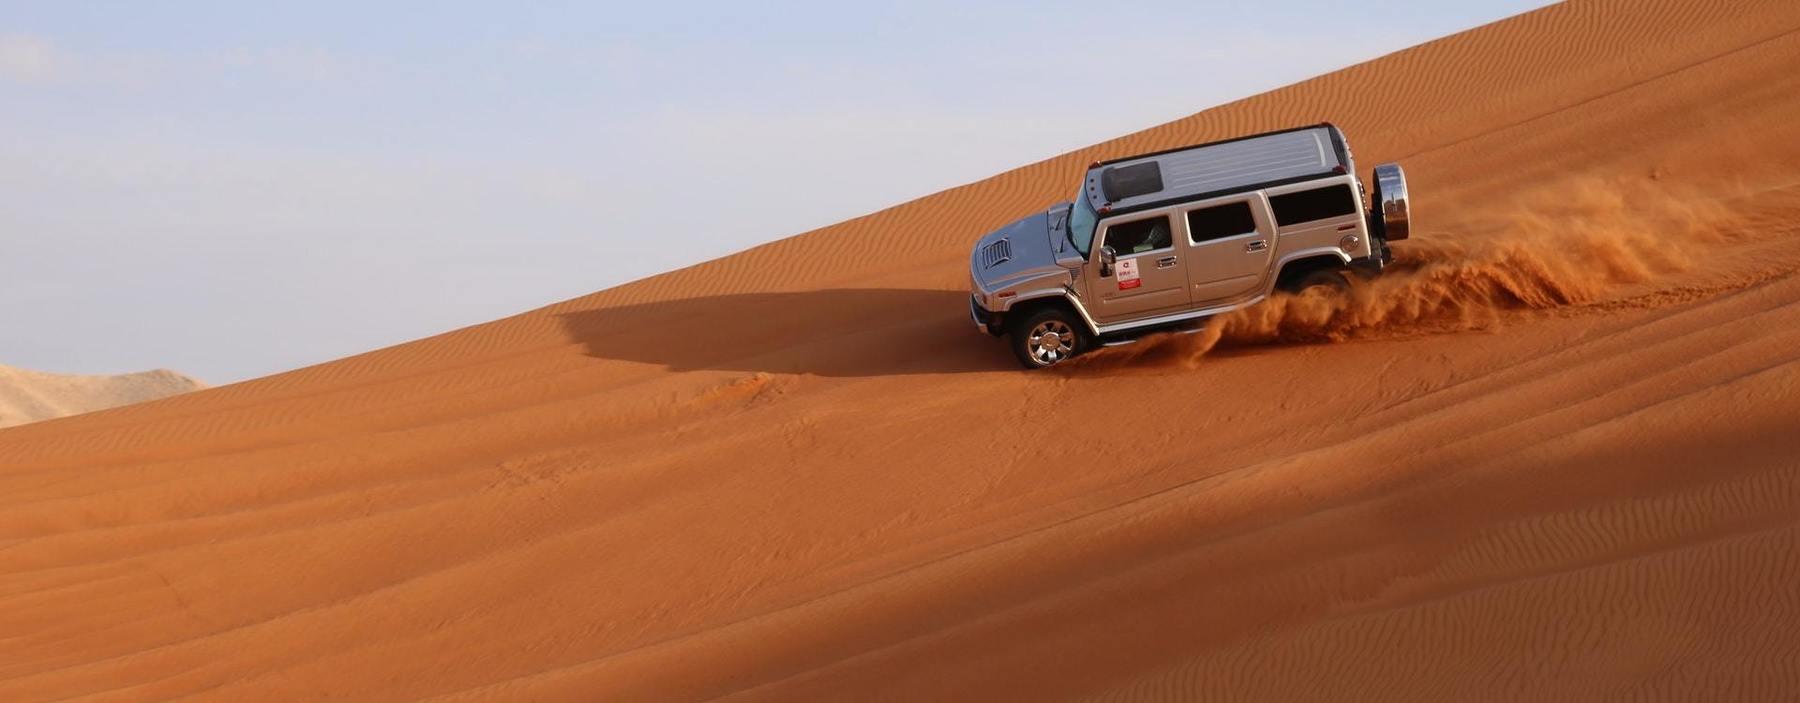 morning dubai desert safari best desert adventure in dubai. Black Bedroom Furniture Sets. Home Design Ideas